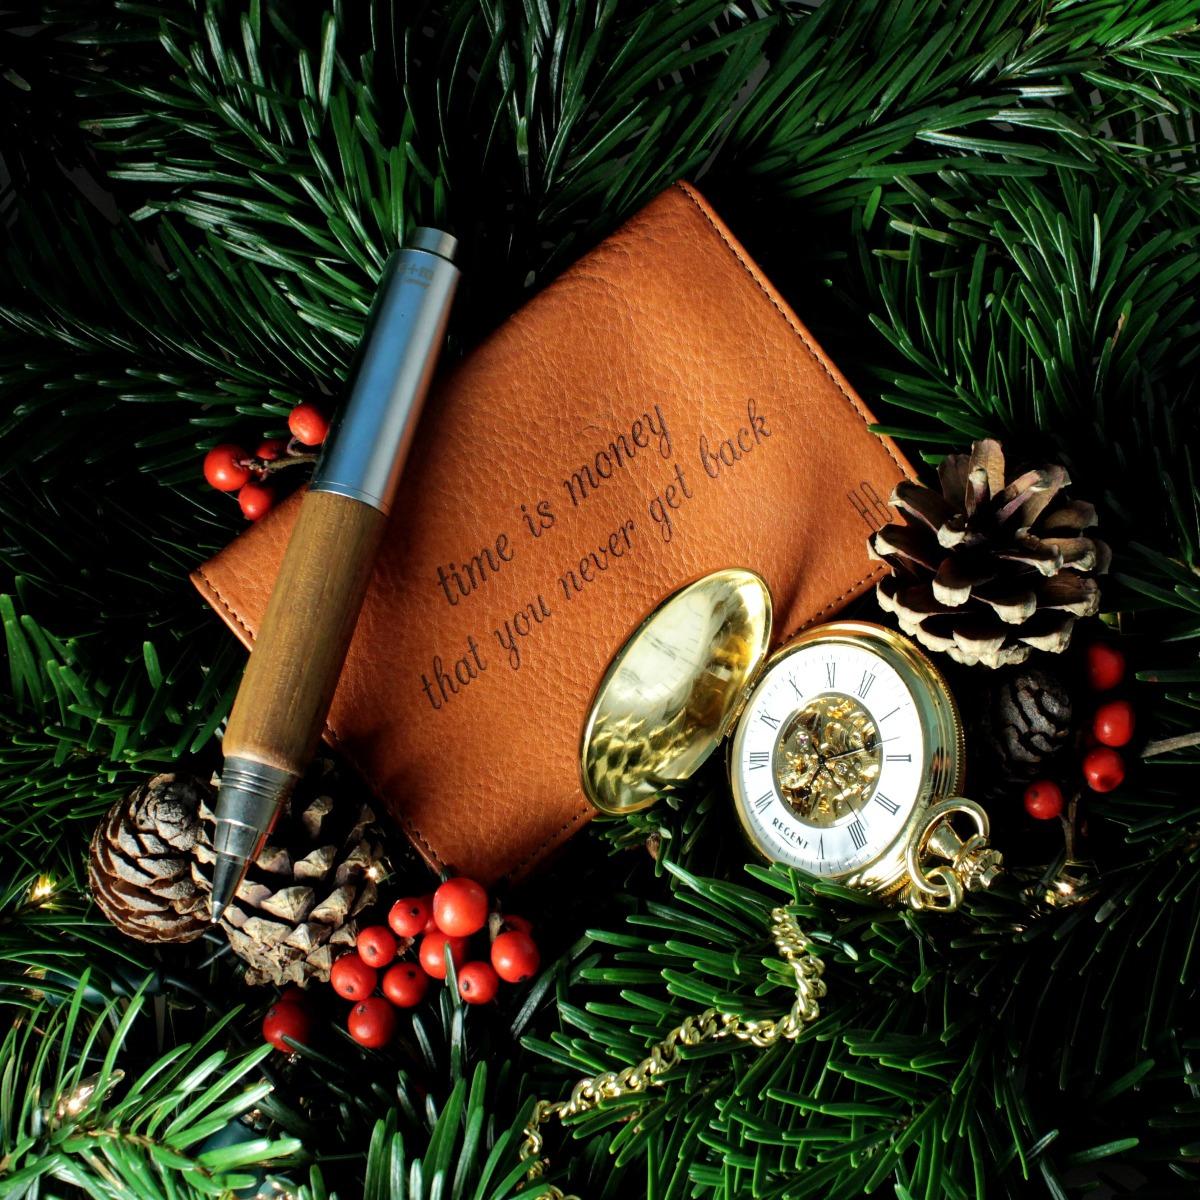 Weihnachtsgeschenke mit Gravur Ideen